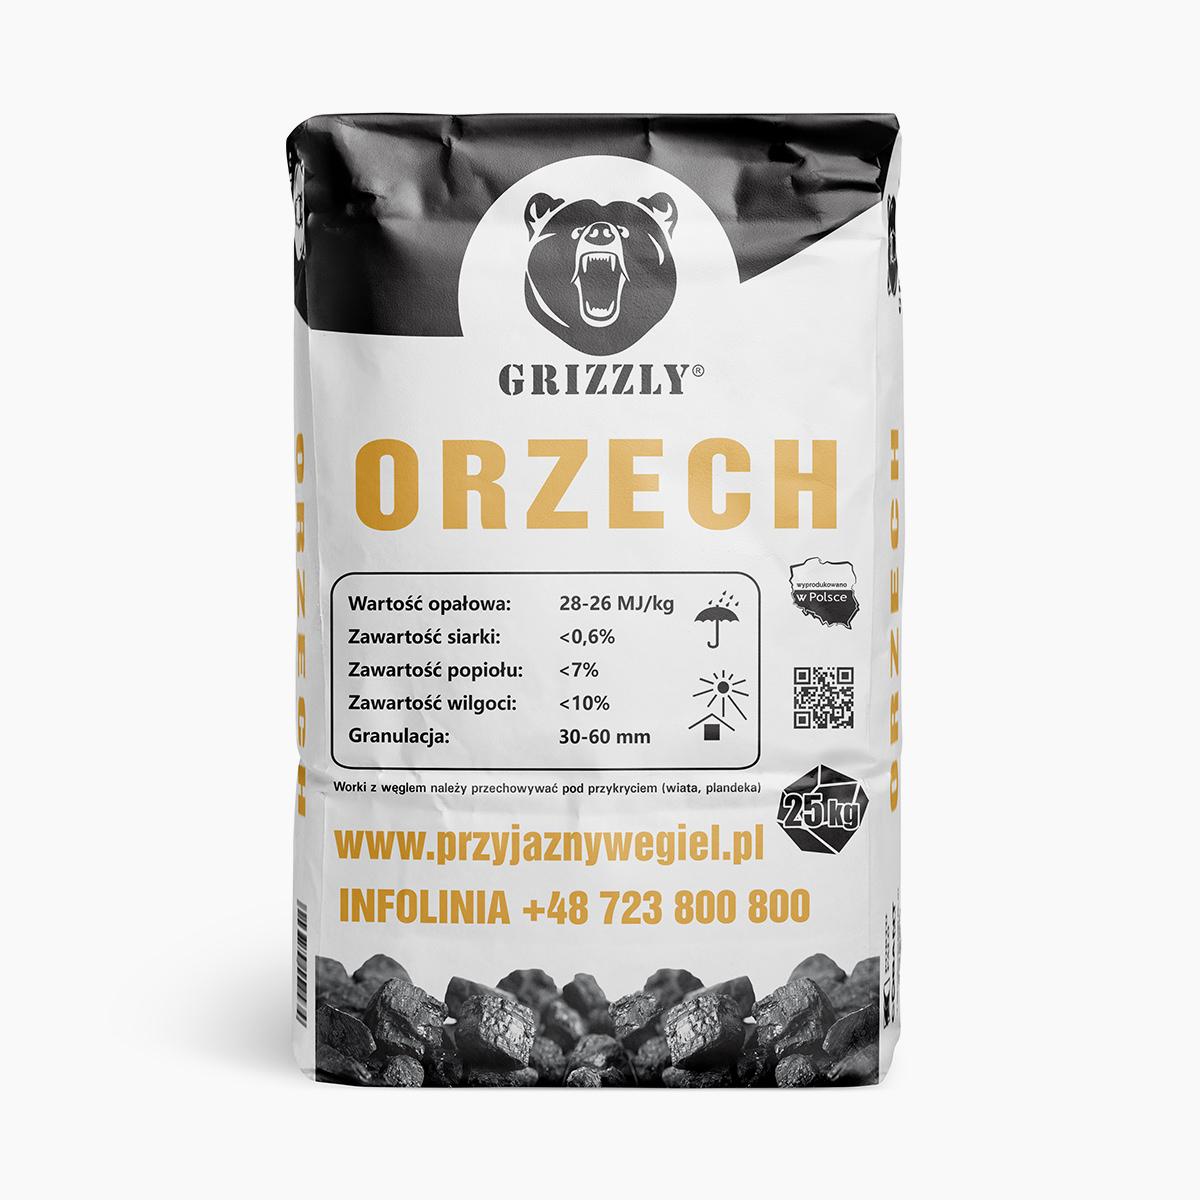 Węgiel Grizzly Orzech | Przyjazny Węgiel - sklep online z ekologicznym opałem